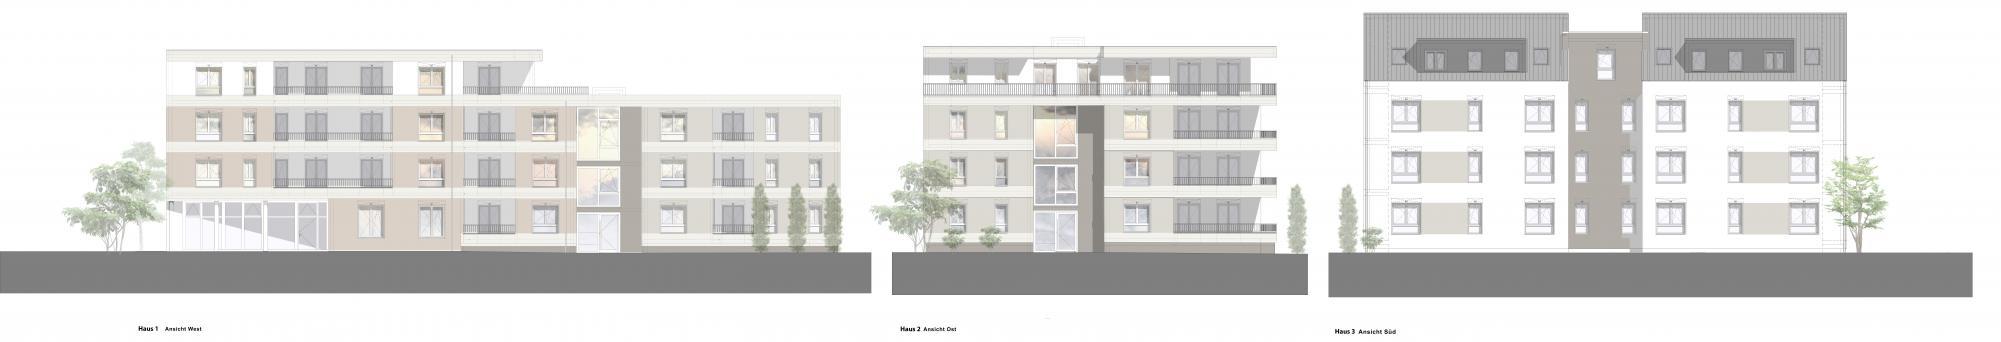 apartmentanlage albert schweitzer Fassade zeichnung